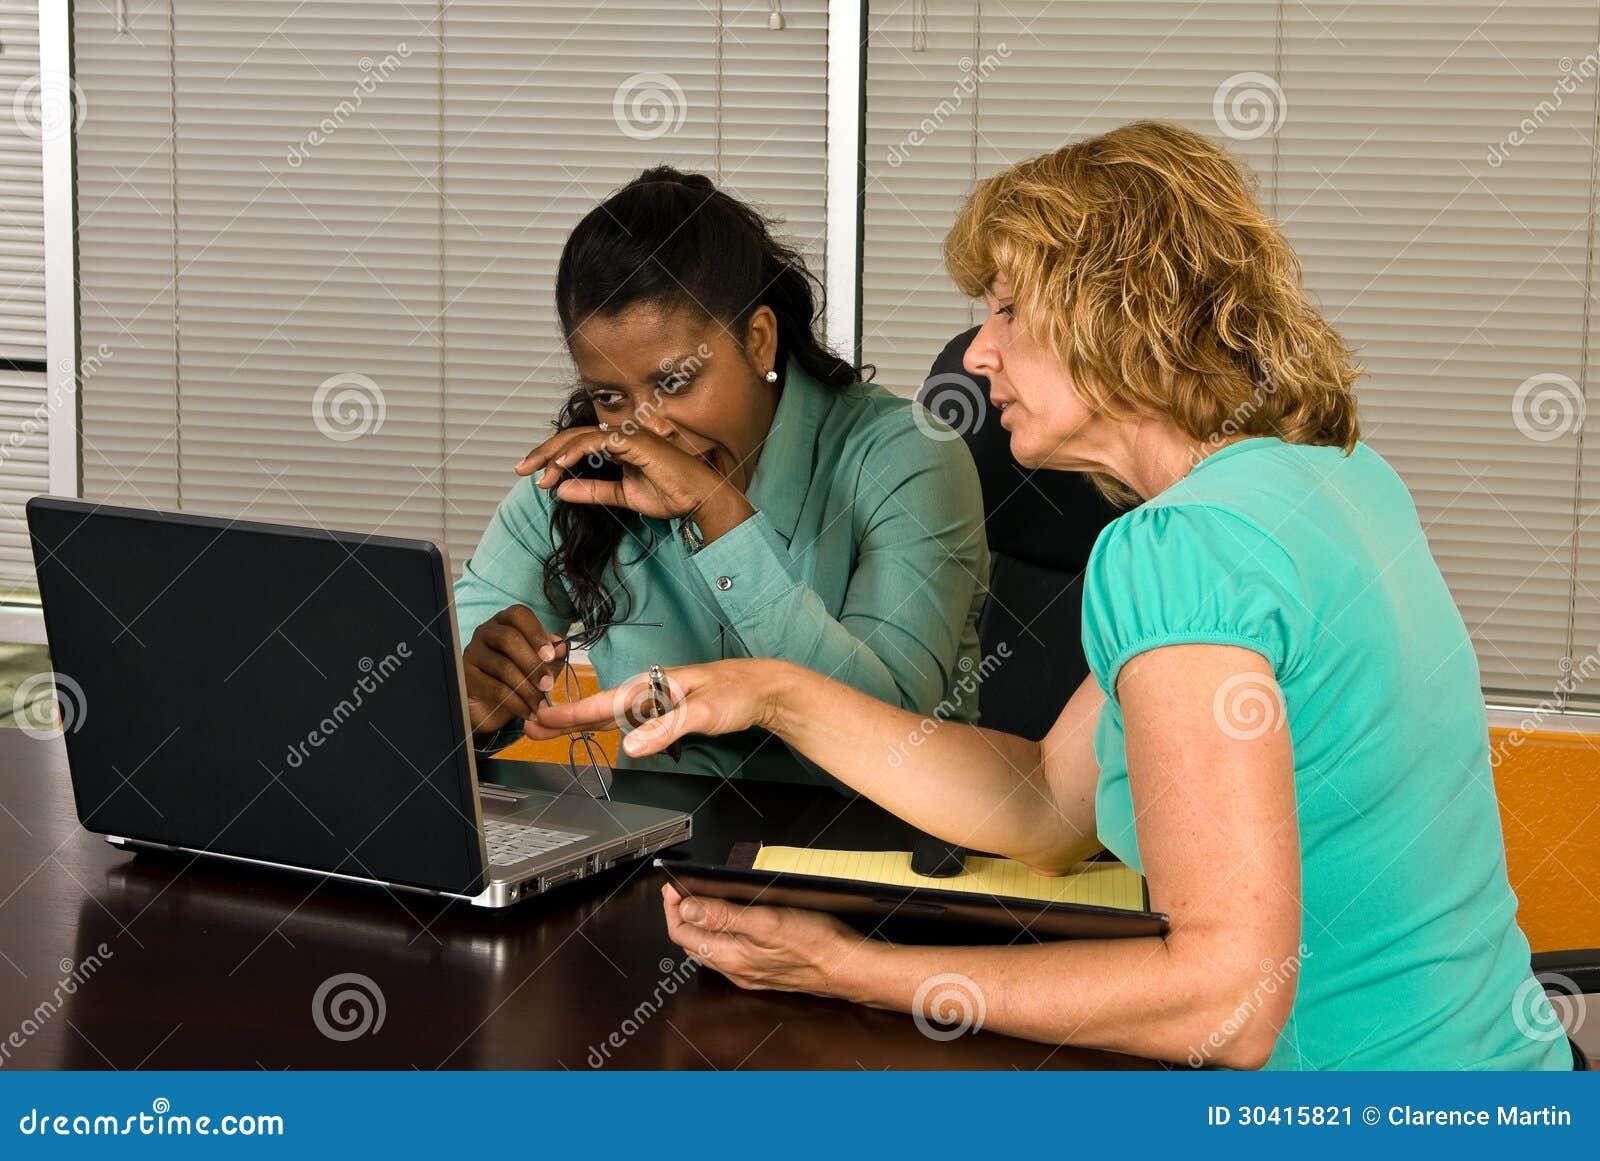 Twee bedrijfsvrouwen bekijken een laptop computer